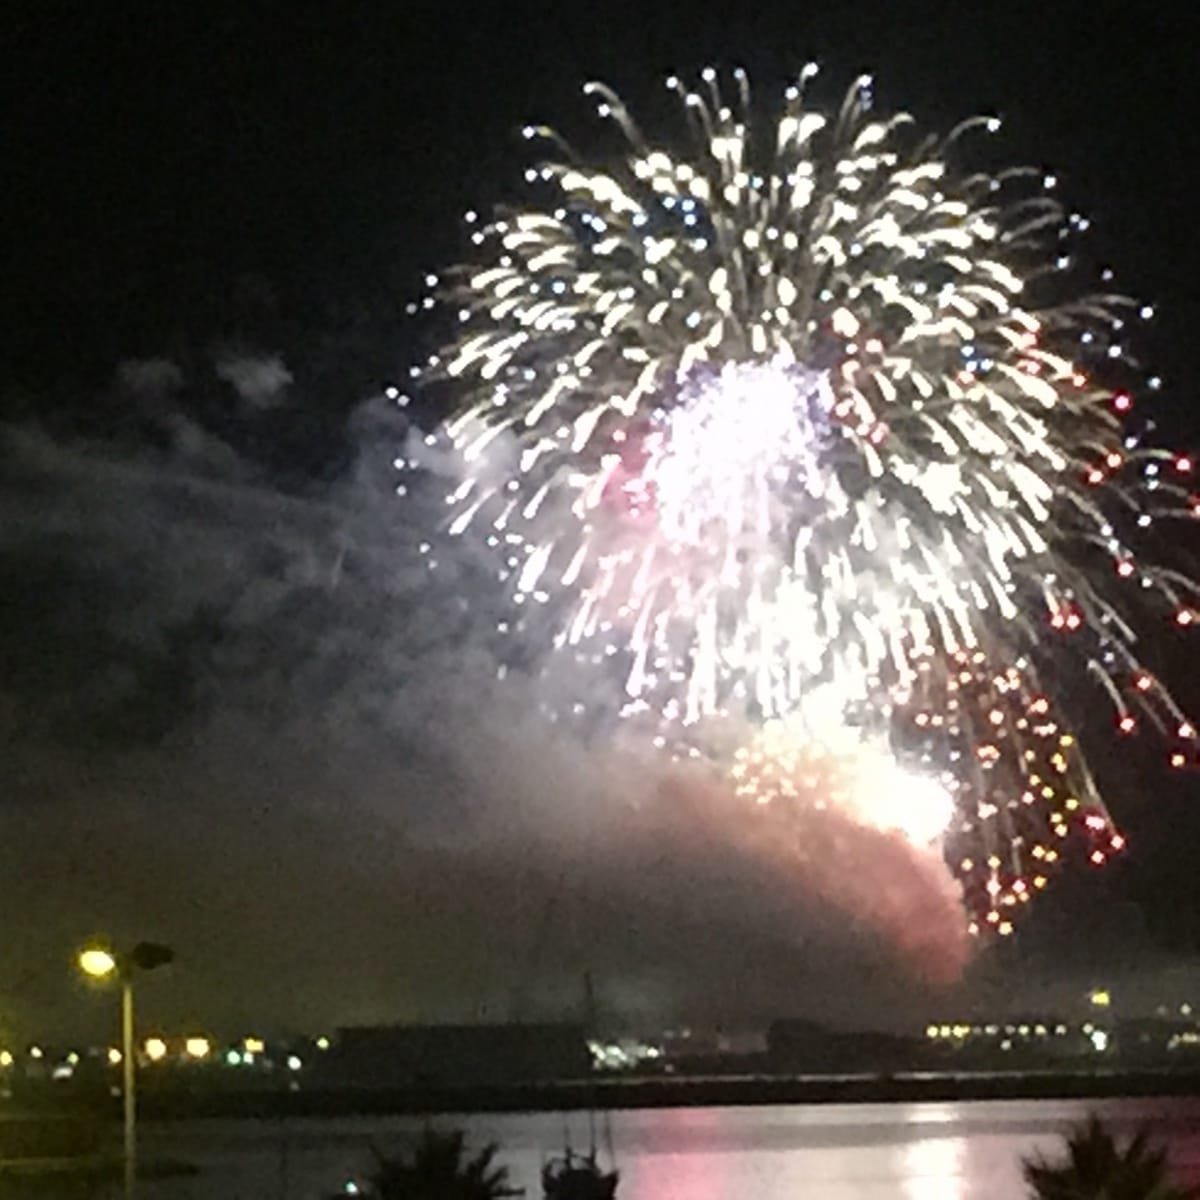 fuegos-artificiales-como-colofn-del-da-nacional-de-gibraltar-2015_22718963956_o